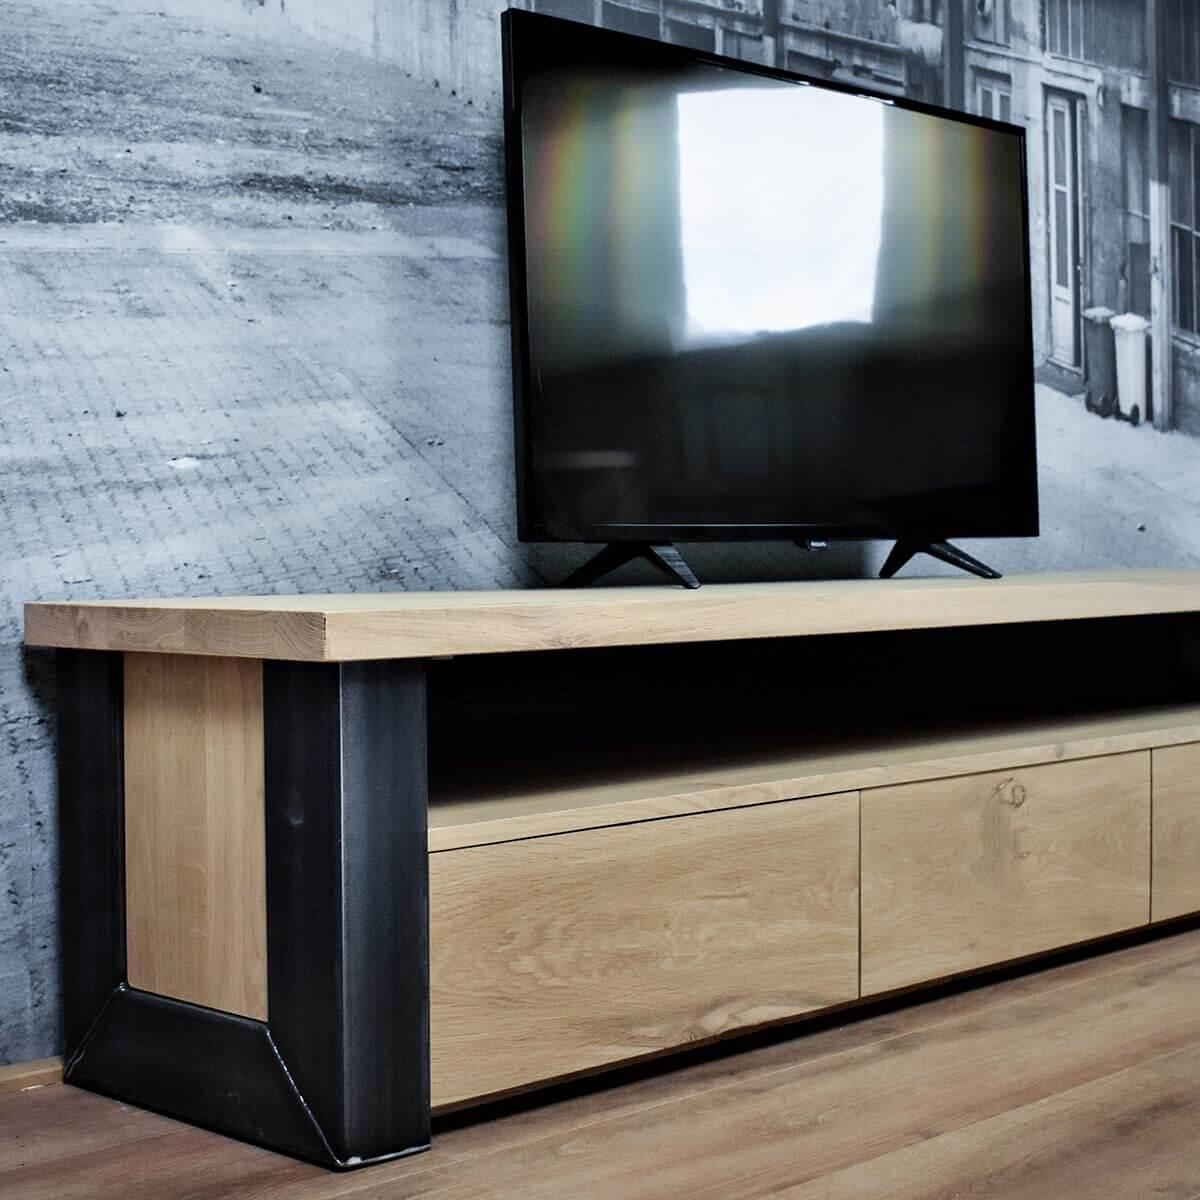 Tv Audio Meubel.Tv Meubel Eiken Industrieel Chamonix Gewoon Sfeervol